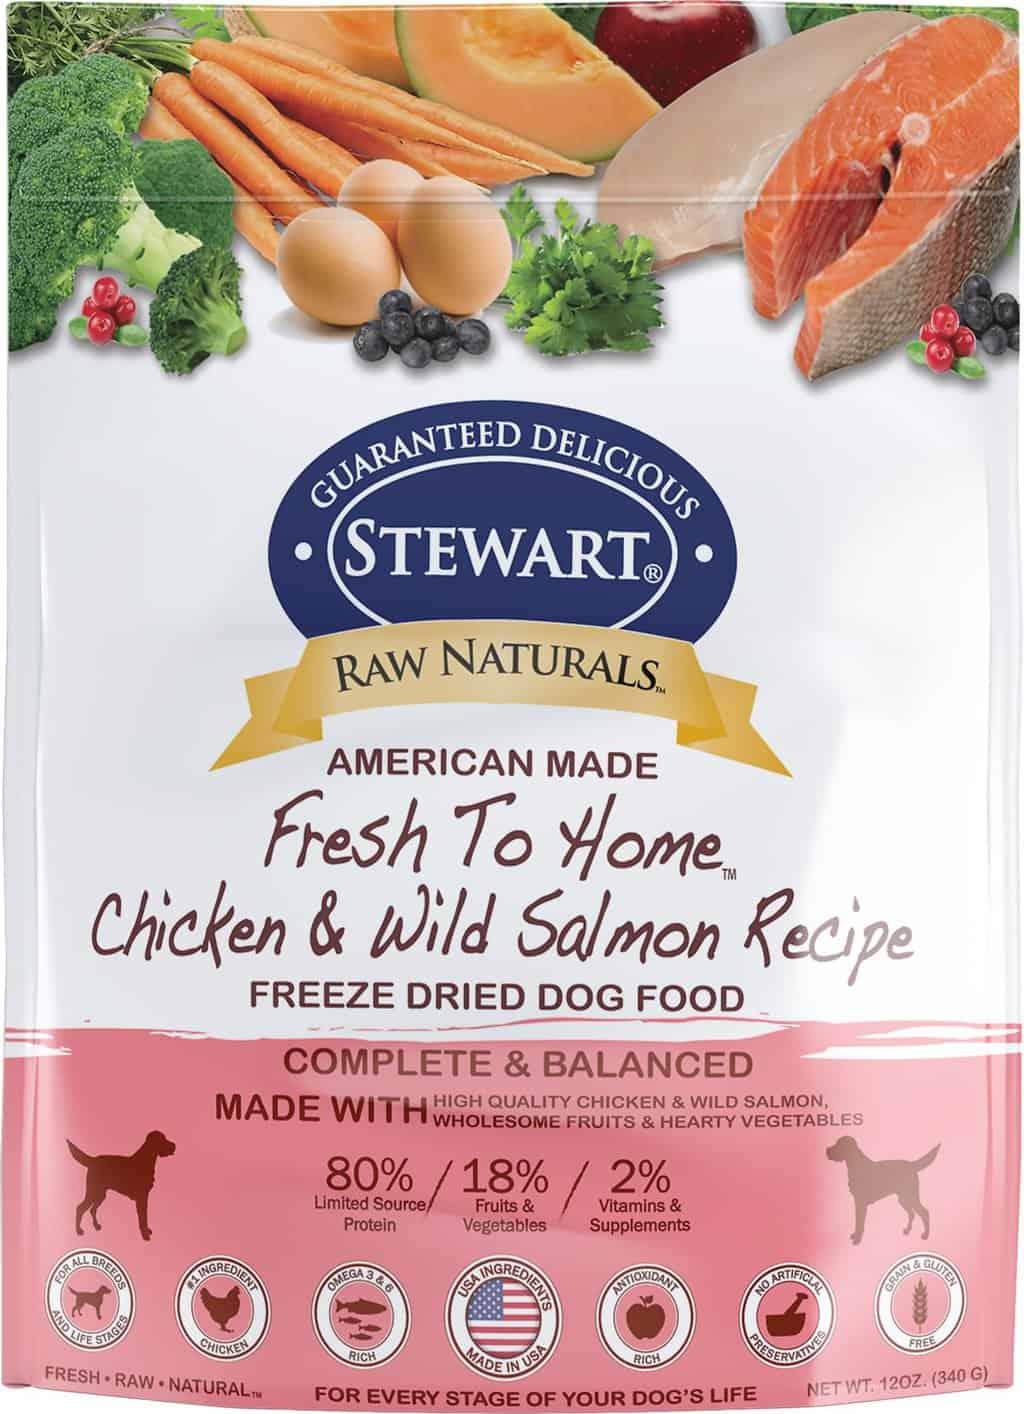 Stewart Raw Naturals Dog Food: [year] Reviews, Recalls & Coupons 15